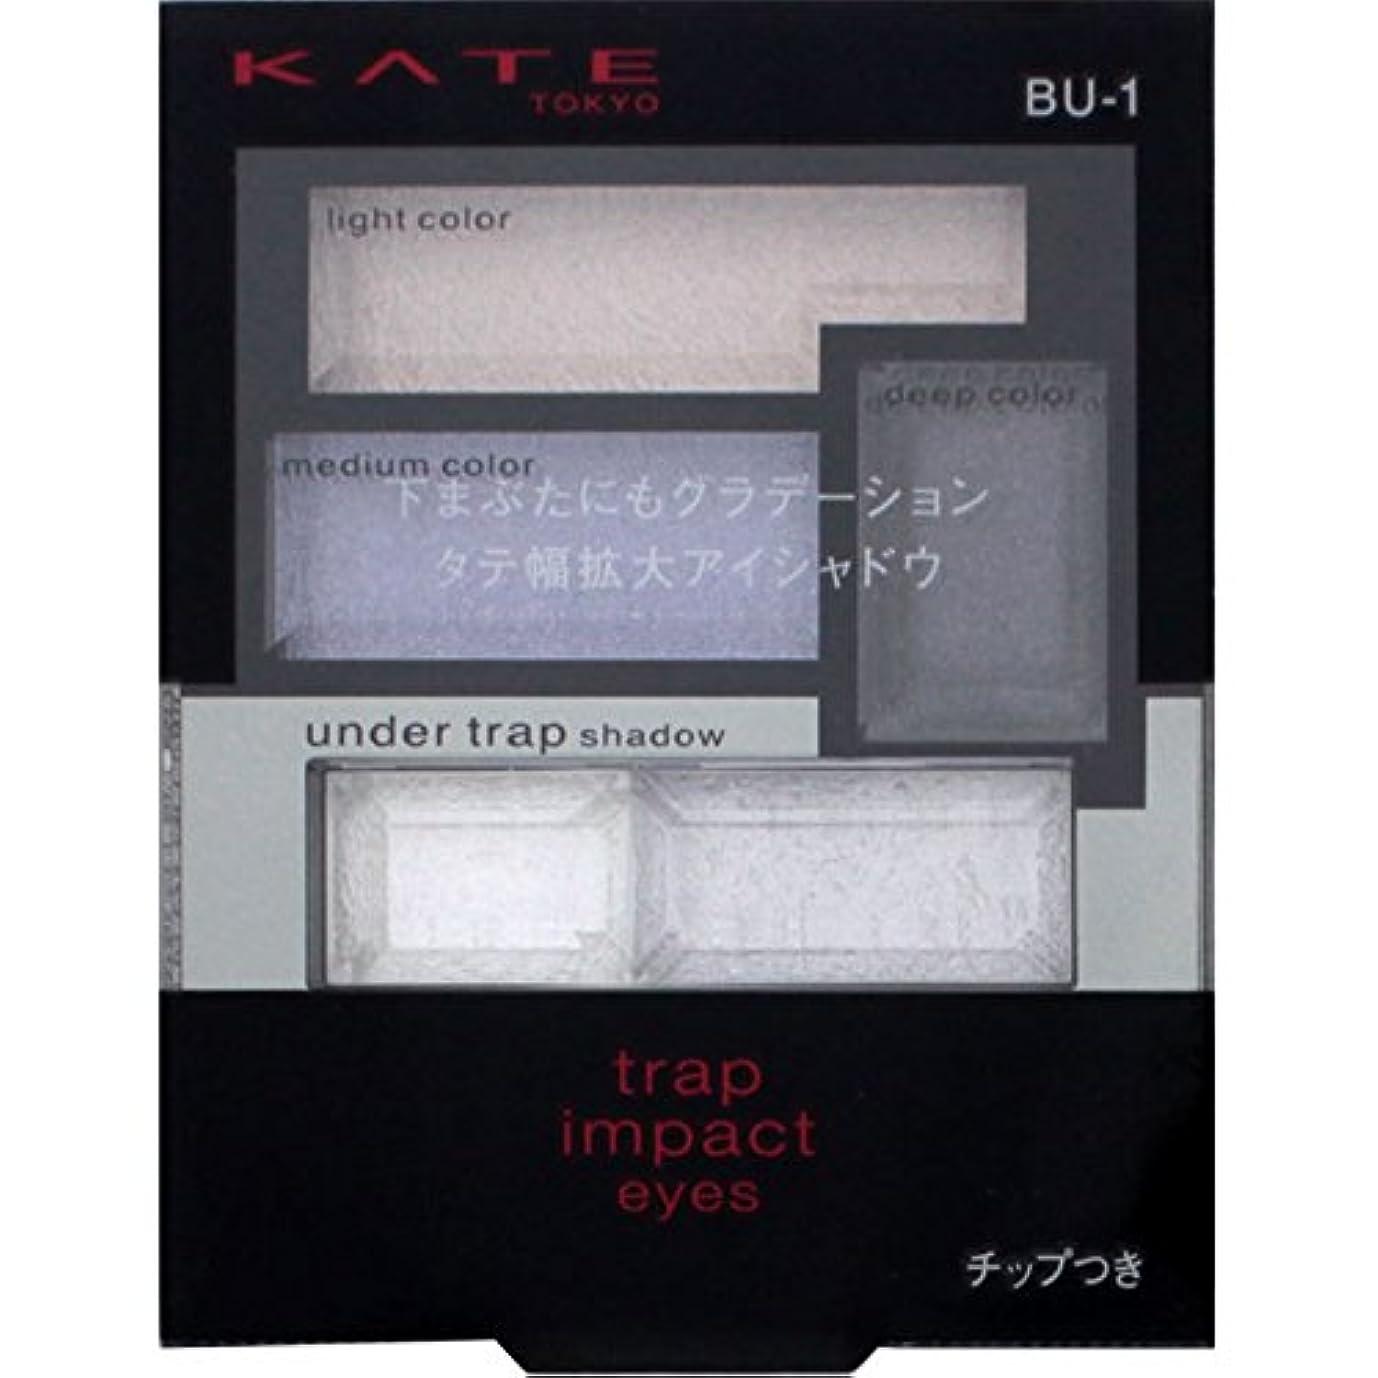 矩形マイルド安定したカネボウ ケイト トラップインパクトアイズ BU-1